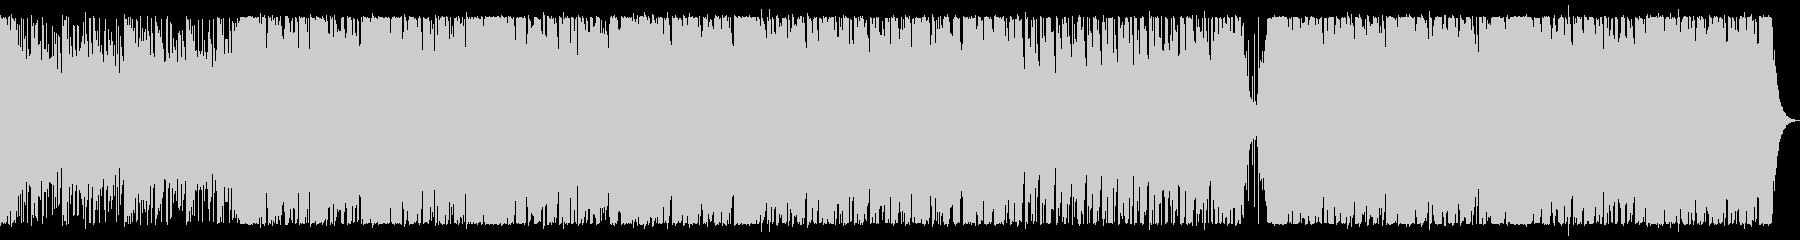 神秘で透明感のある和風インストの未再生の波形